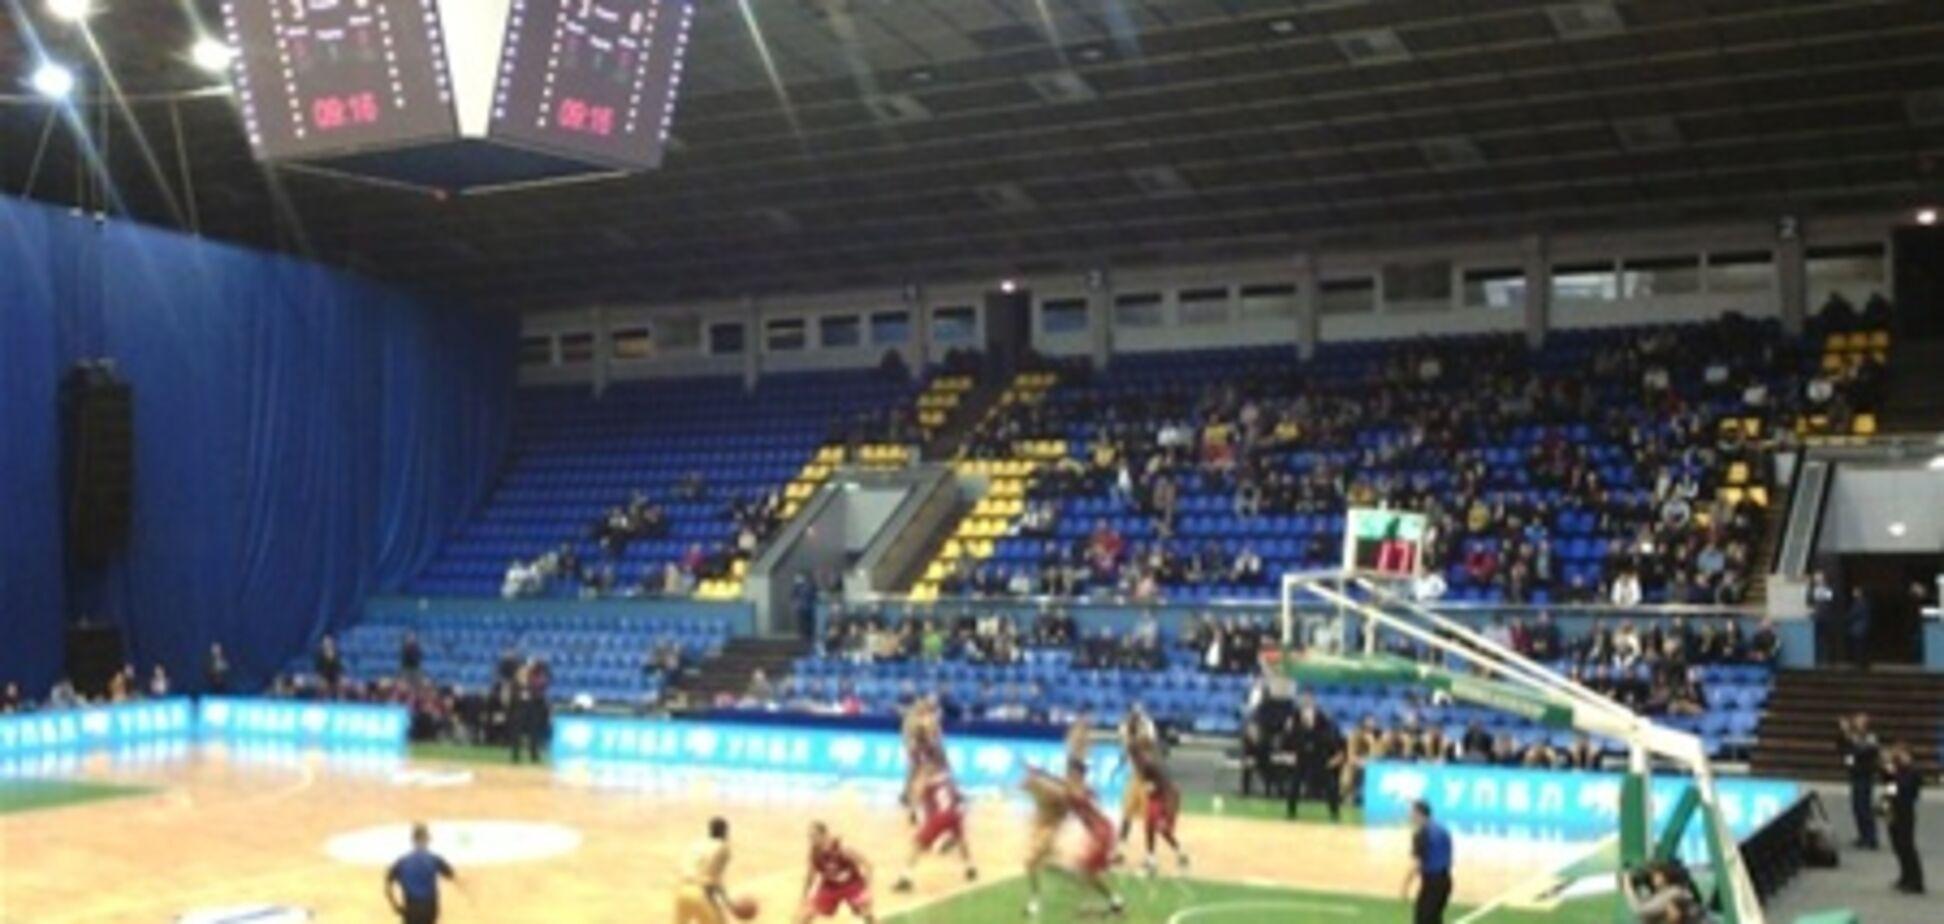 Єврейських вболівальників під час баскетболу врятувала охорона синагоги